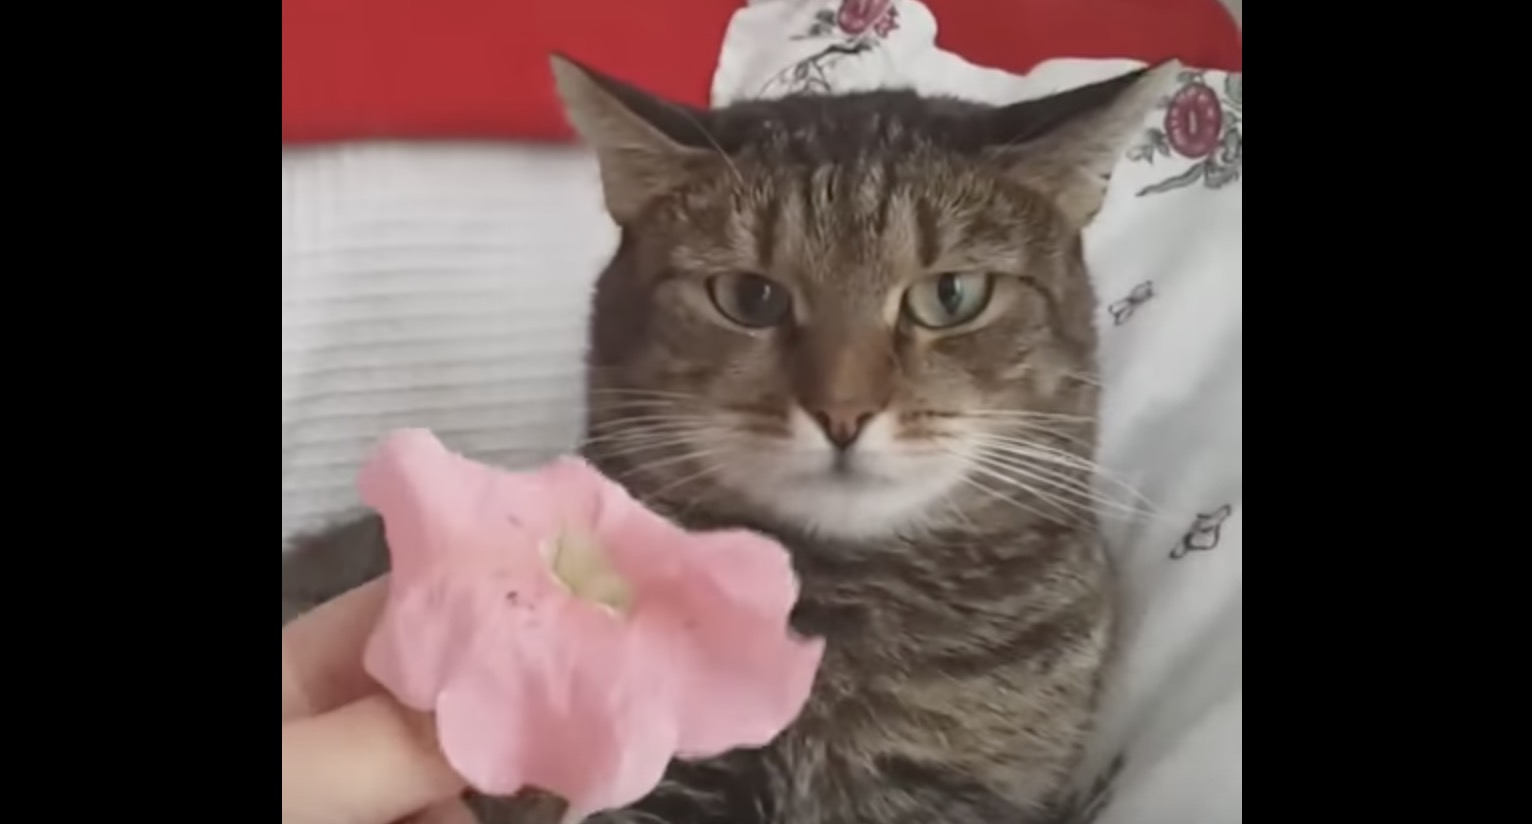 端正な顔立ちの猫。頭に花を乗せられた瞬間とんでもない顔になる^ ^;